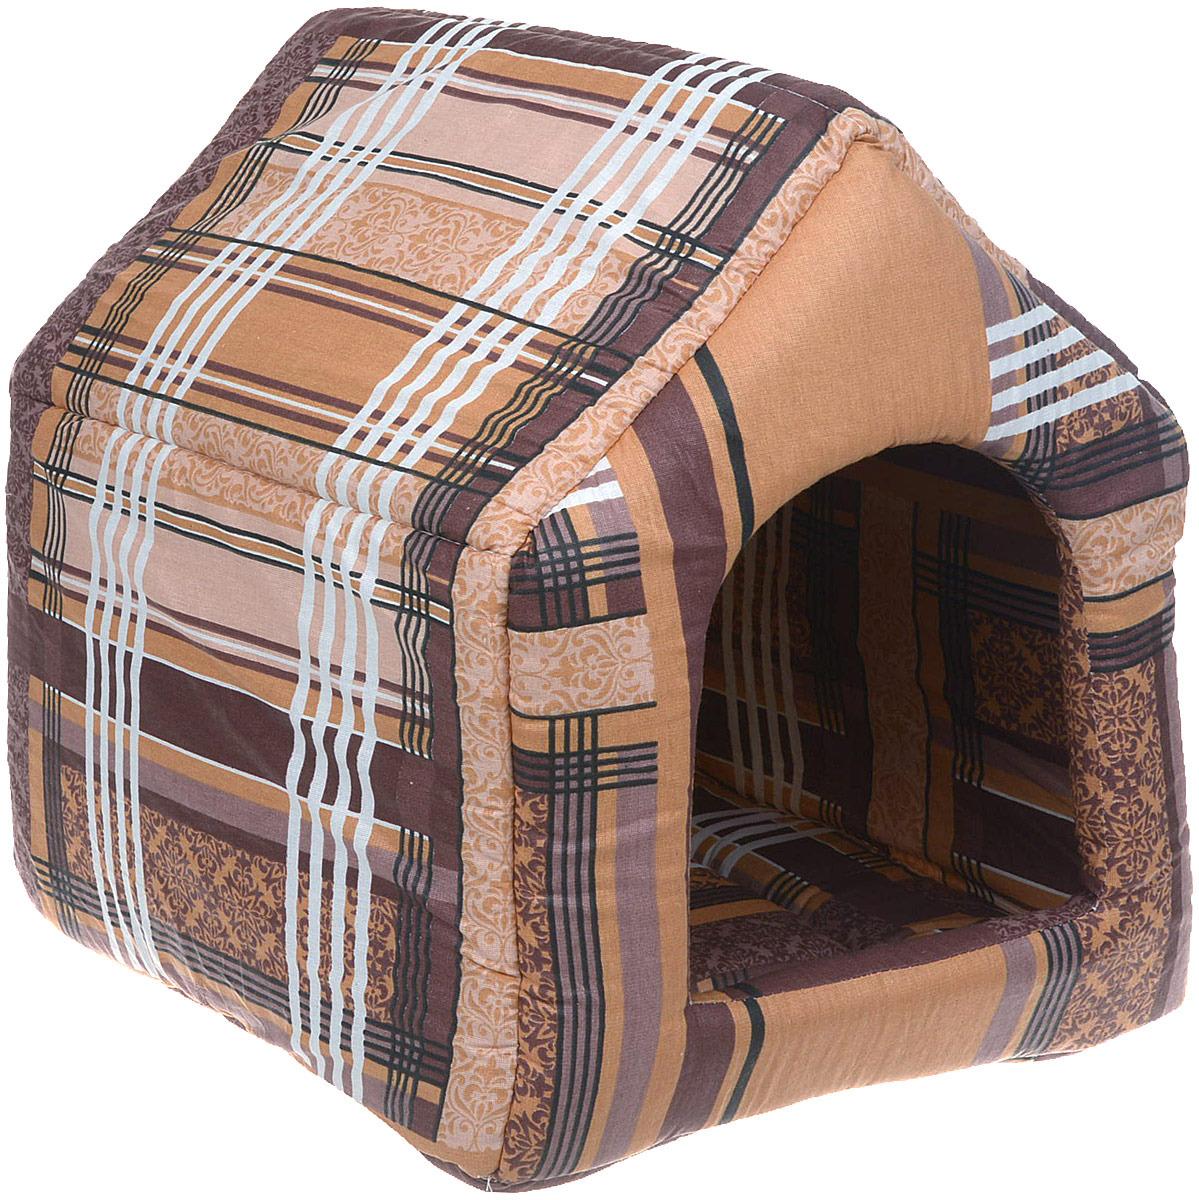 Лежак для животных ЗооМарк Домик-будка №2 Клетка, ЛД-2КБ, бежевый, 43 х 43 х 49 см домик для кошек и собак titbit с игрушкой цвет рыжий 43 см х 43 см х 40 см